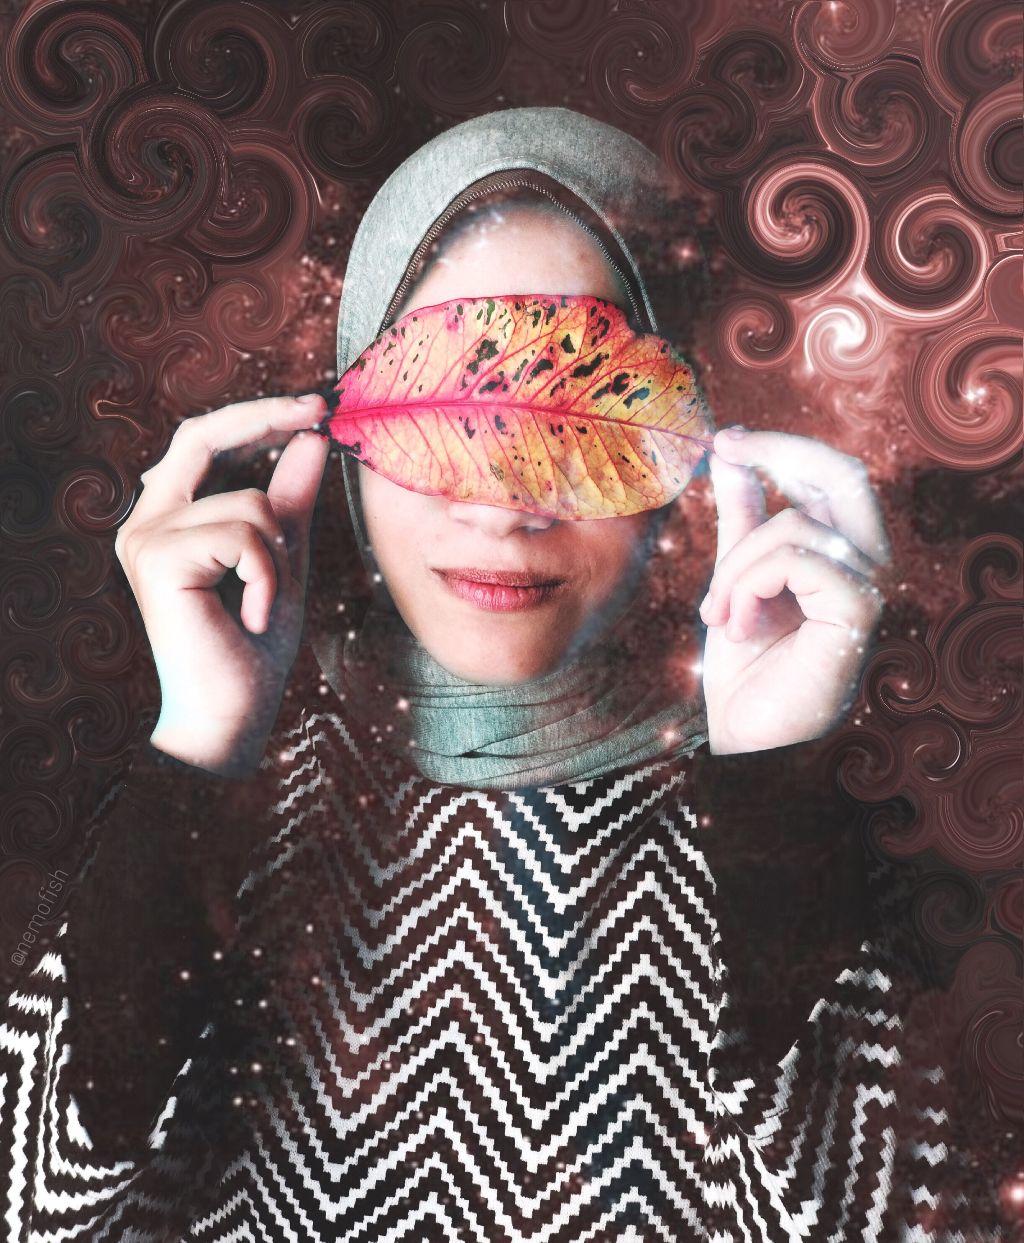 #portrait #people #dreamer #leave #imagination #myworld